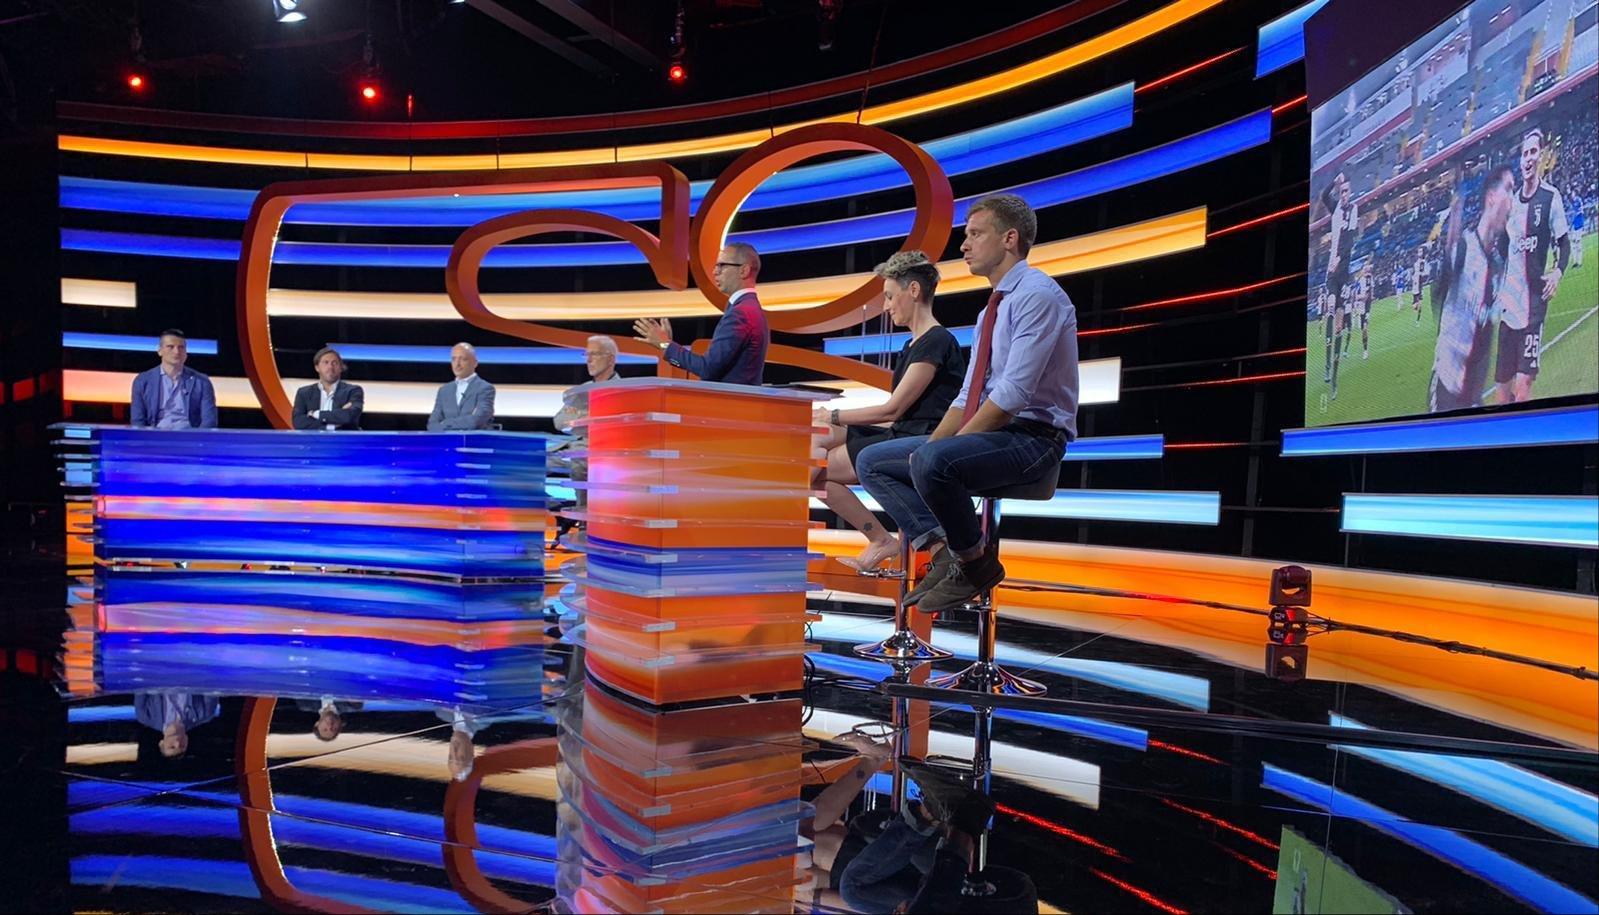 Sportitalia rinnova la propria casa con nuovi studi in attesa del calcio